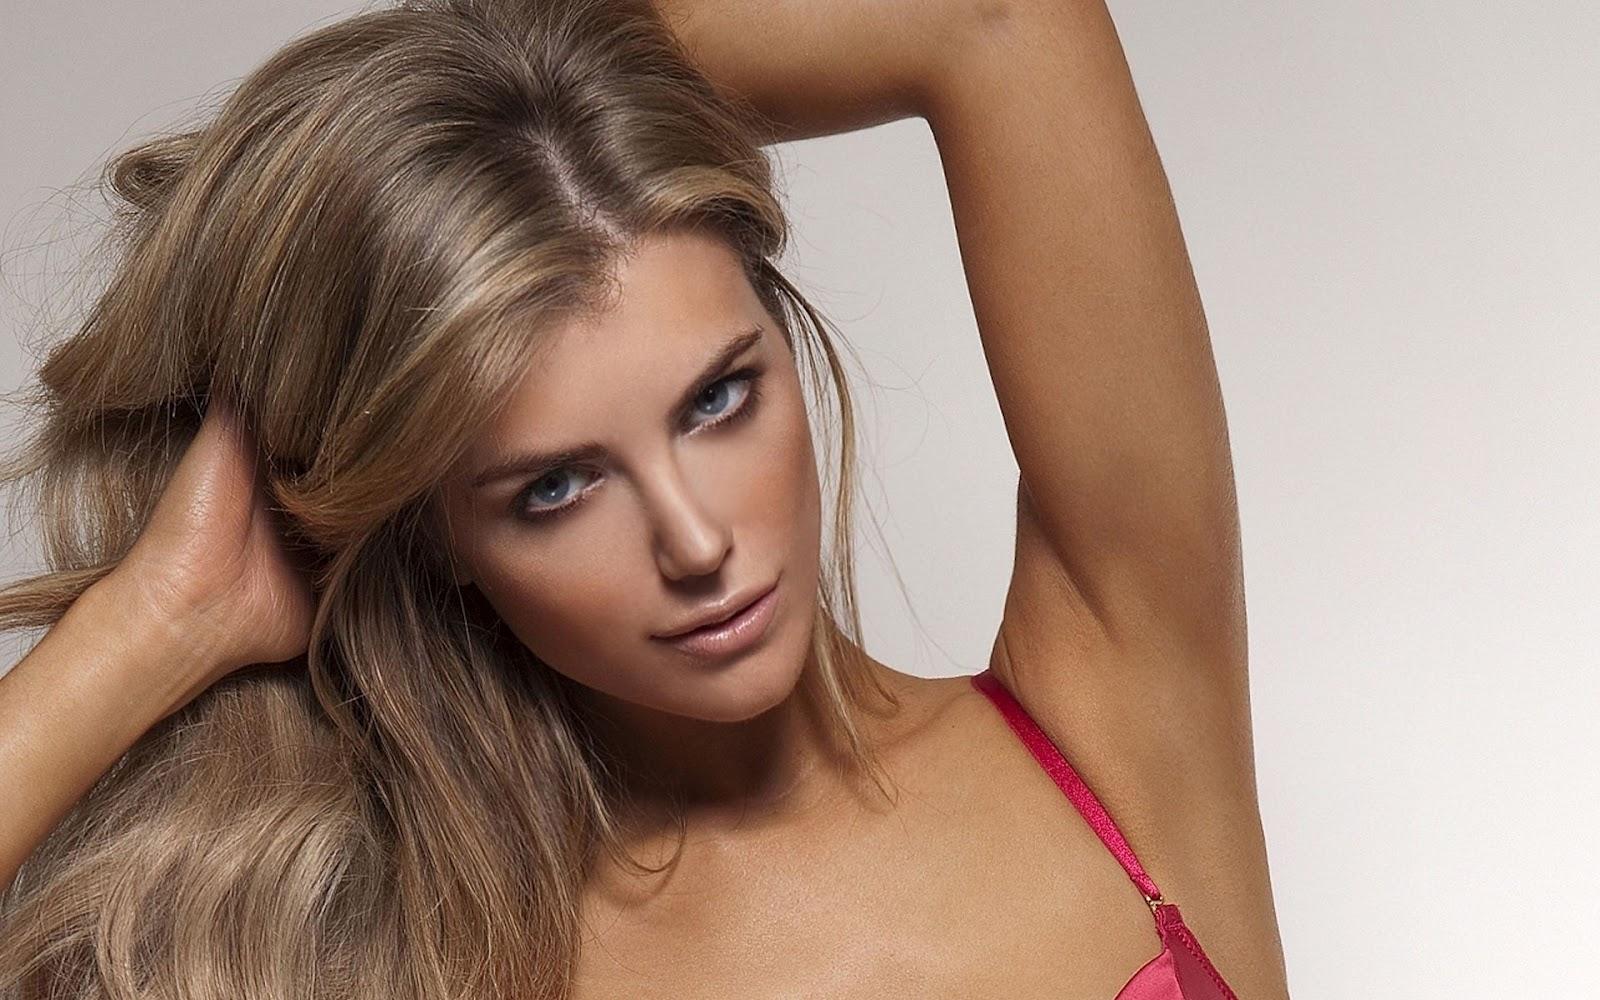 foto-krasavits-blondinok